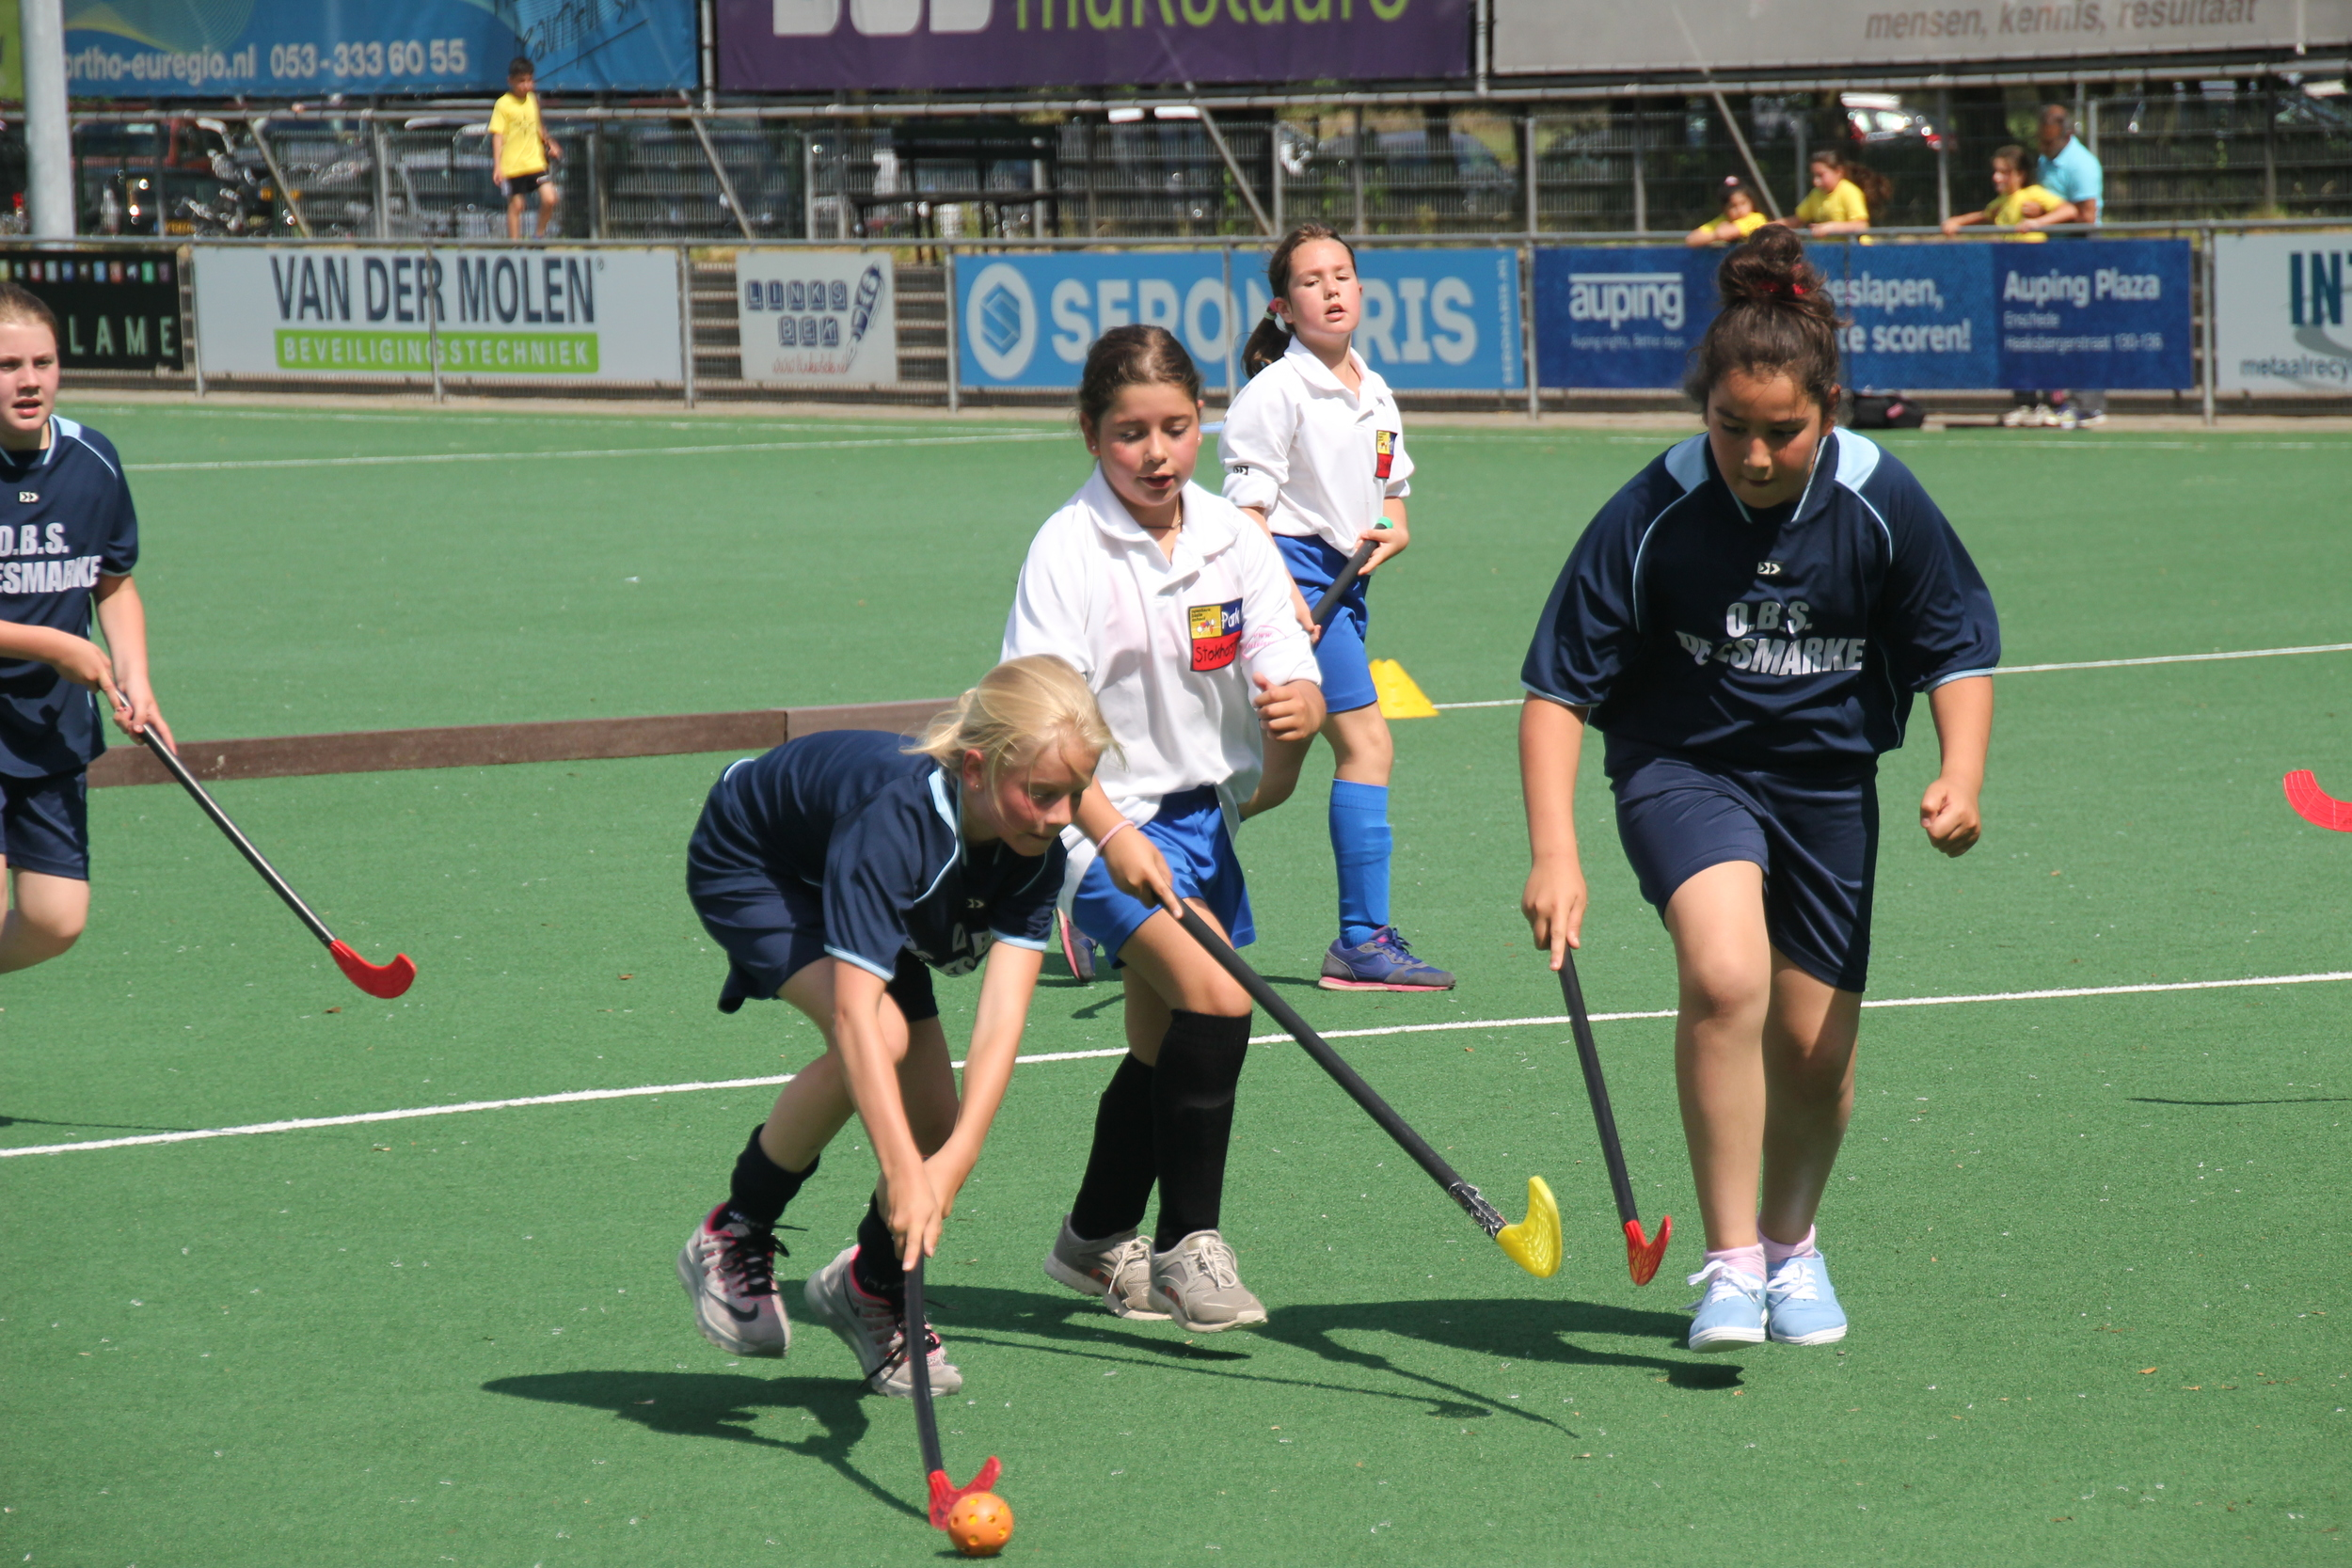 2016-06-22-HockeyToernooi (9).JPG